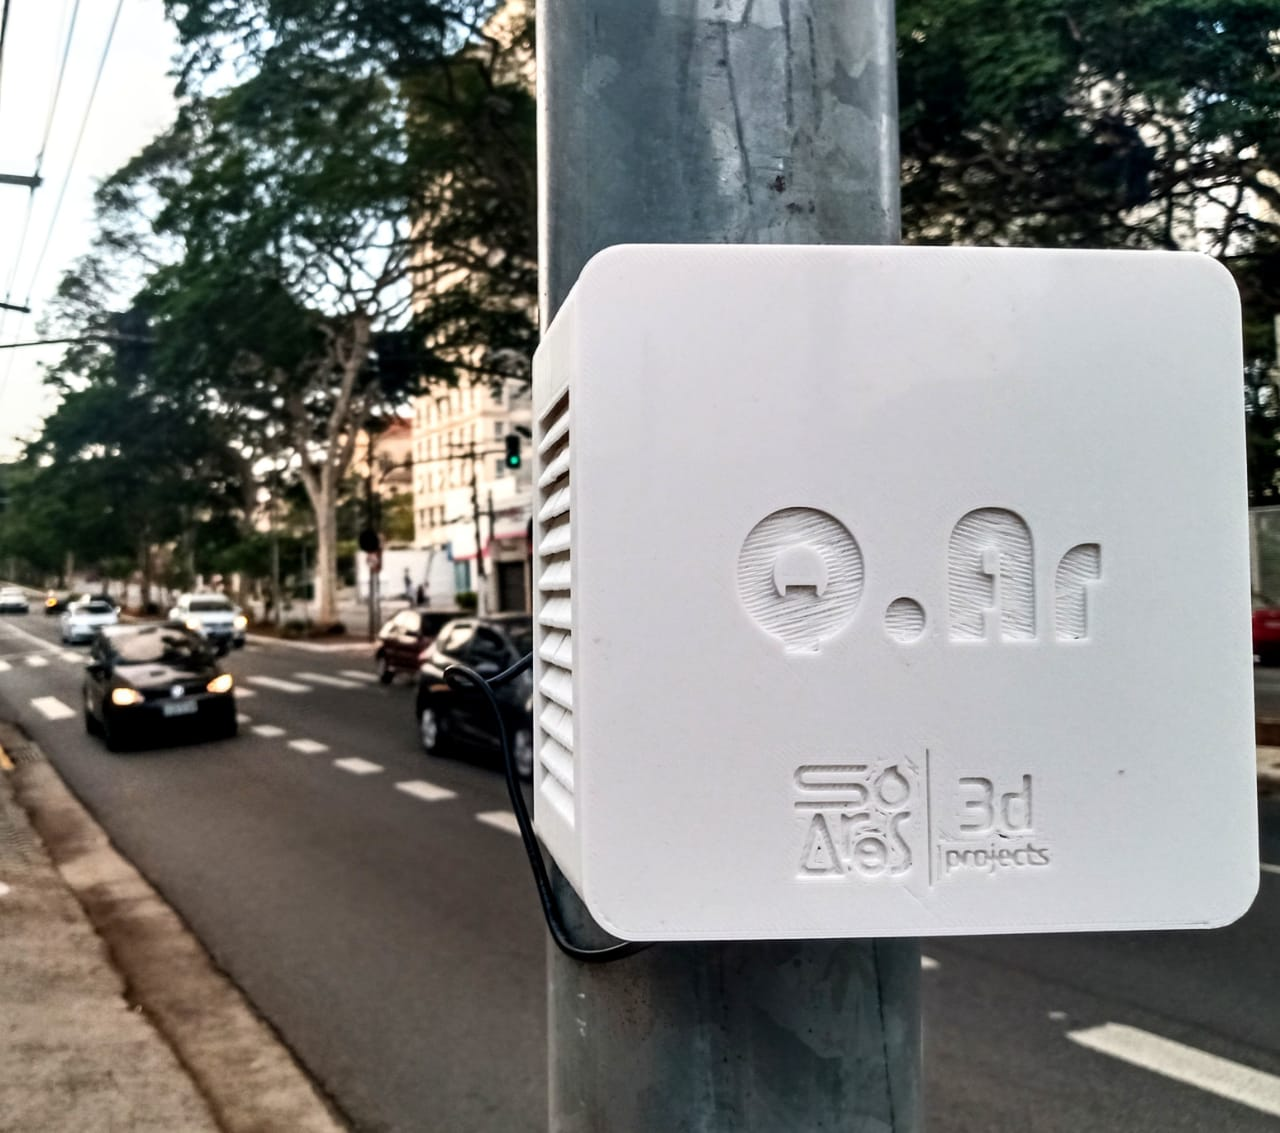 Acelerada lança Índice de qualidade do ar!